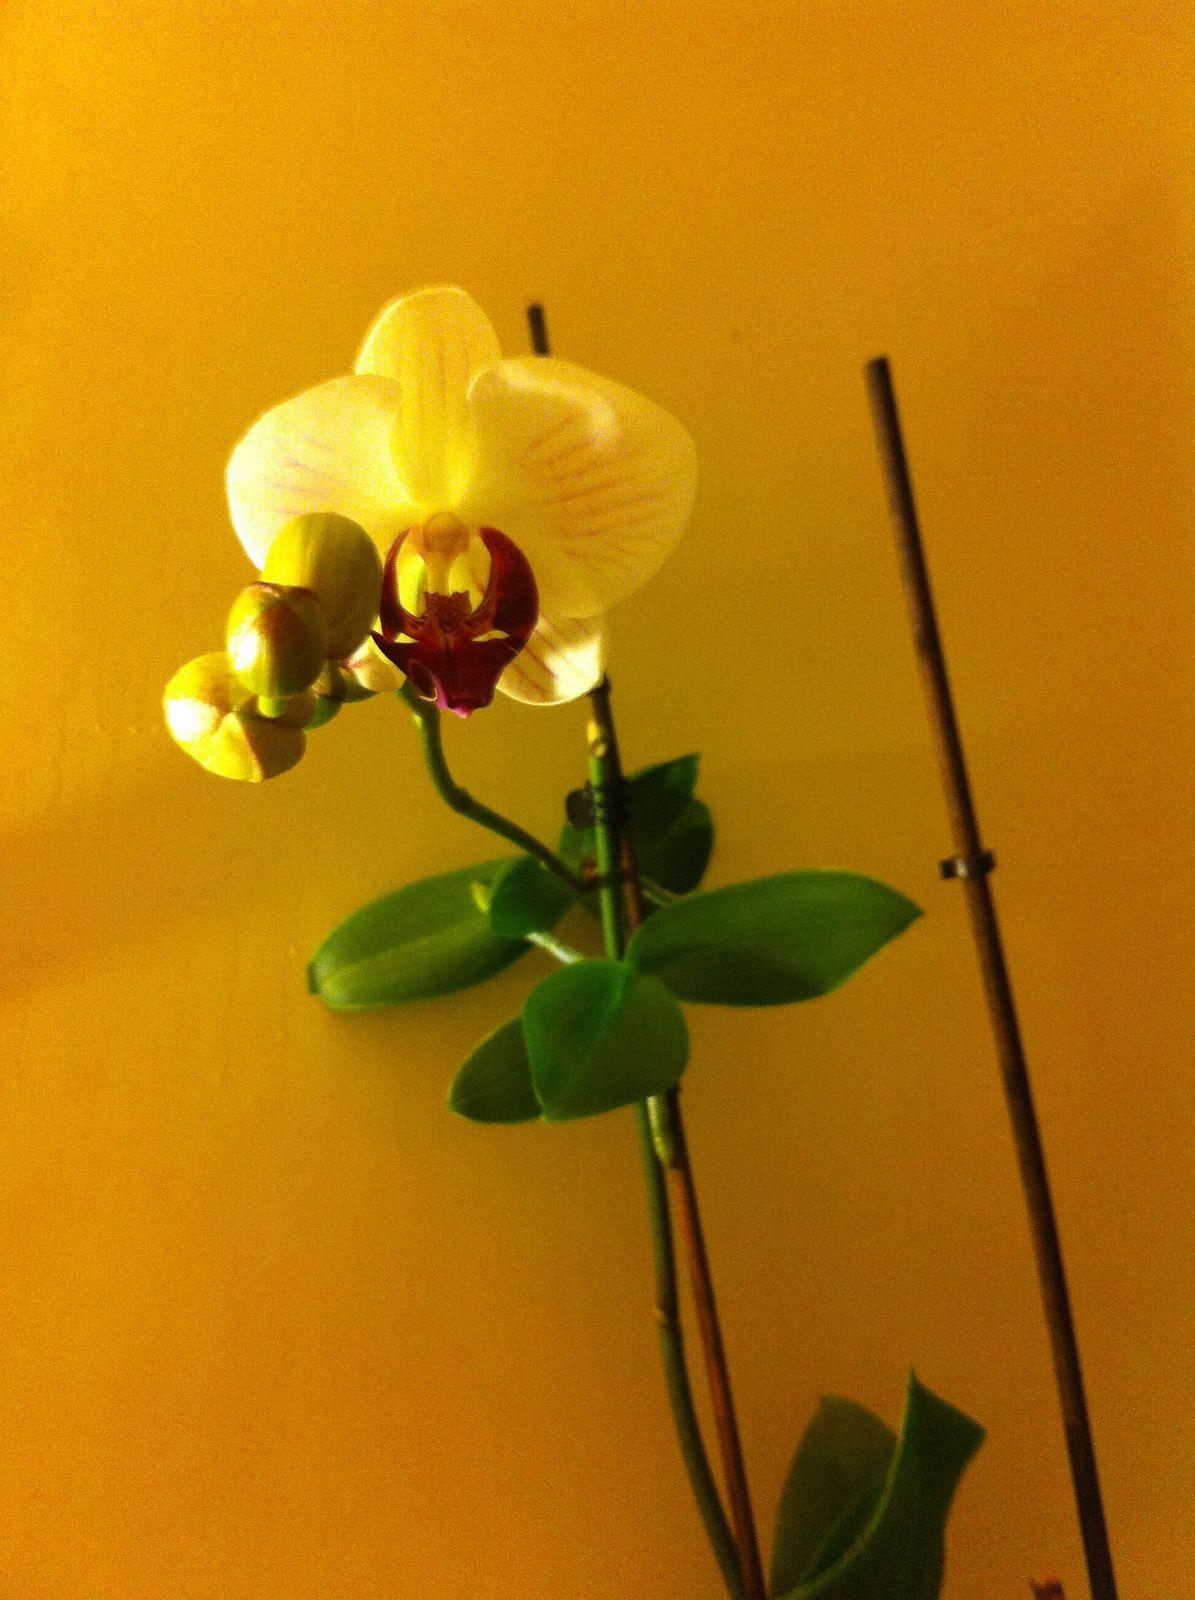 j'ai réussi à faire revivre une orchidée - je n'ai pas du tout la main verte (je précise)